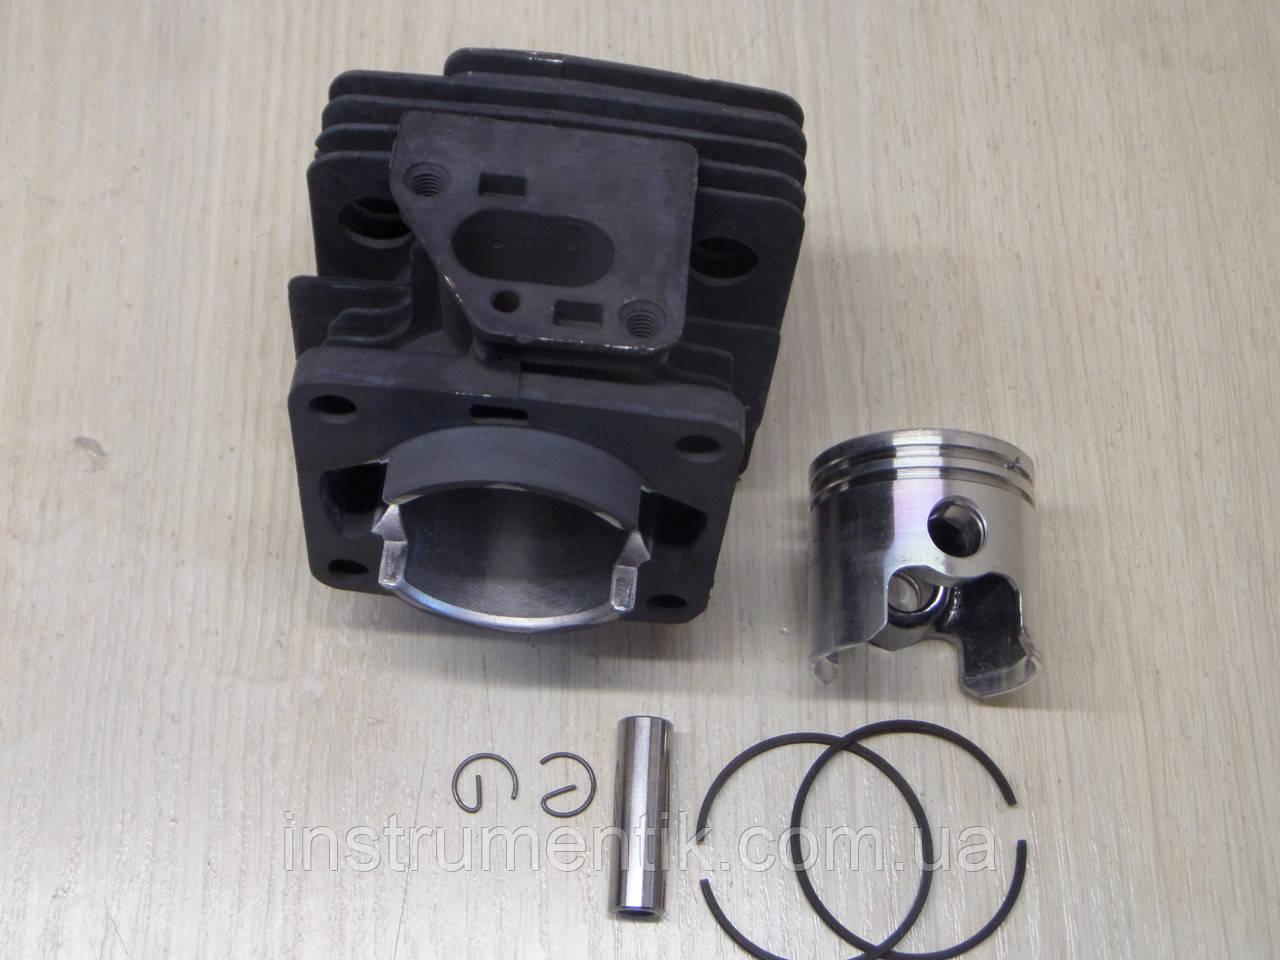 Цилиндр и поршень для бензокосы для AL-KO FRS 4125, BC 4125 Winzor